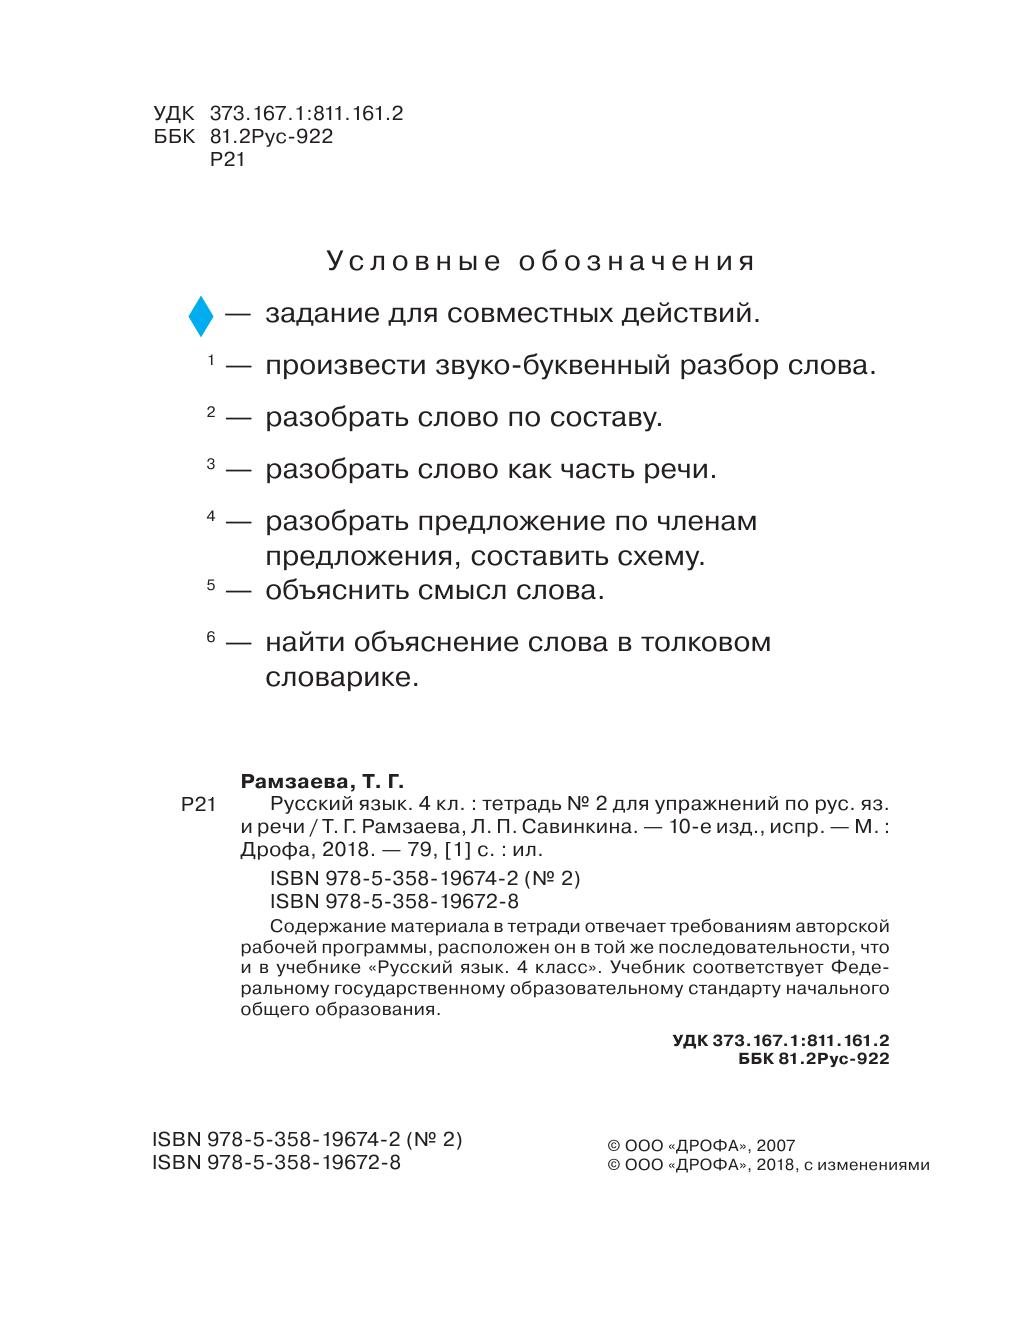 Скачать гдз по русскому языку 4 класс рамзаева прямая ссылка